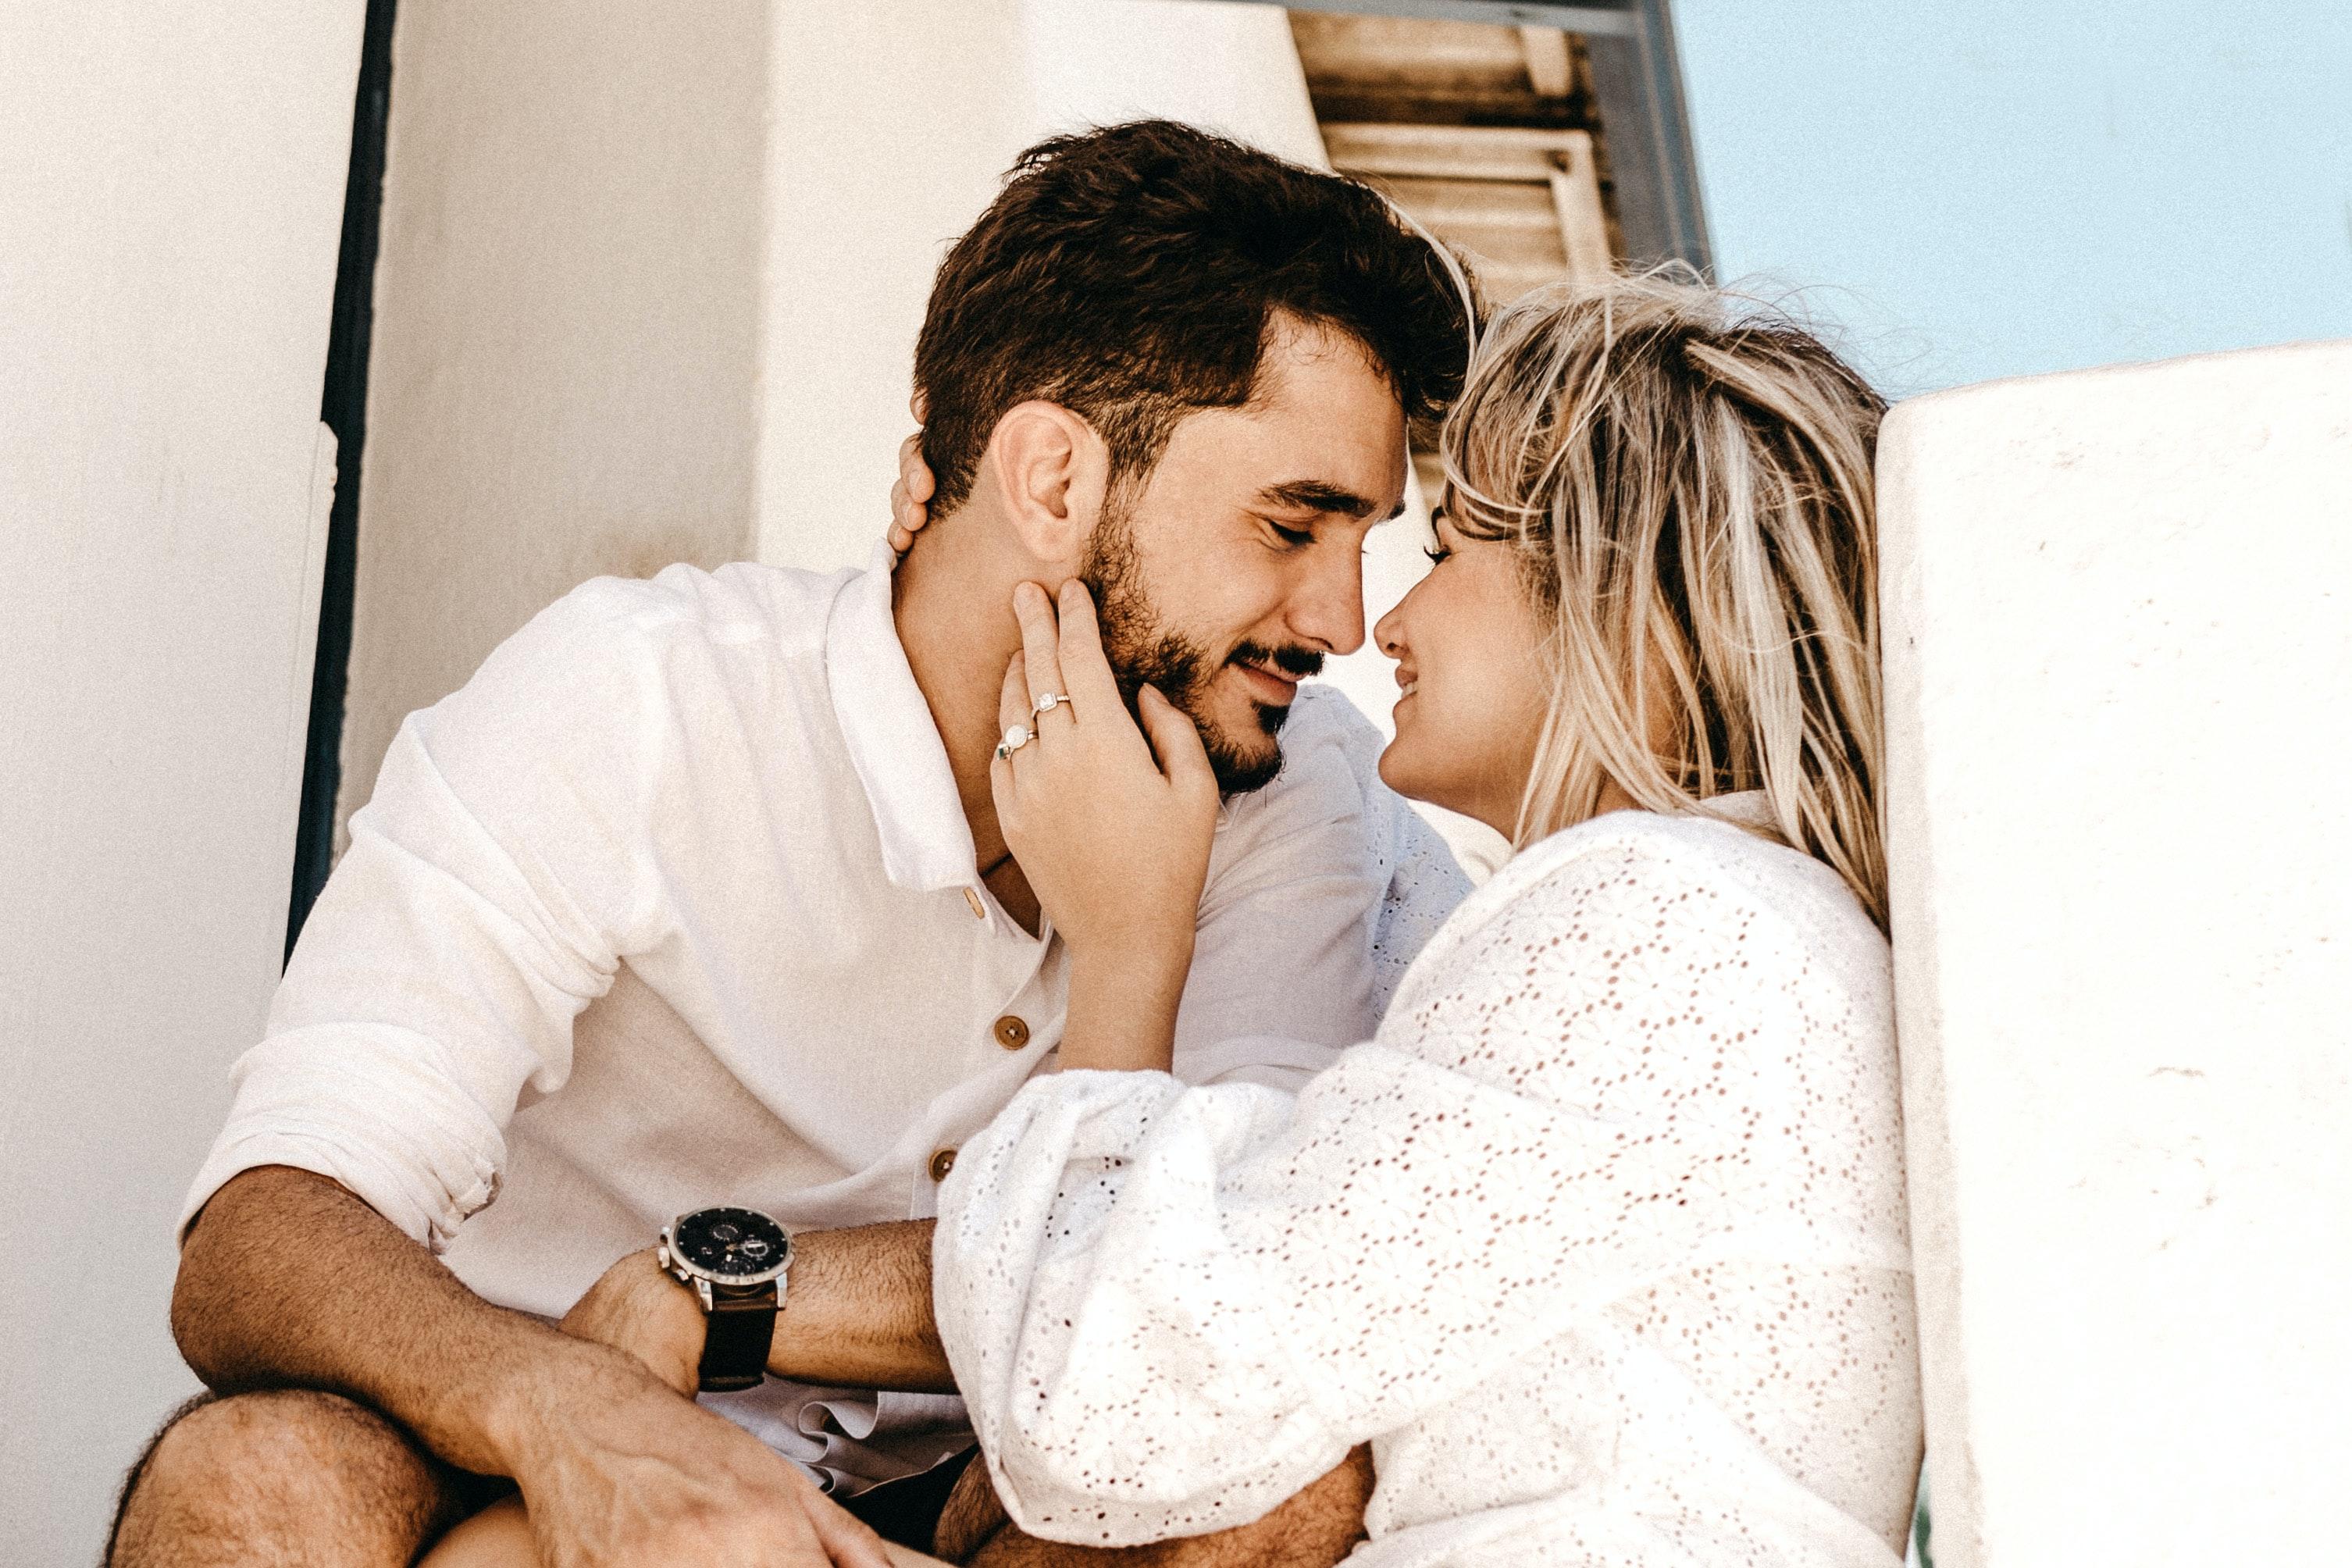 Mein Mann tut nichts für die Beziehung - Was kann ich tun?